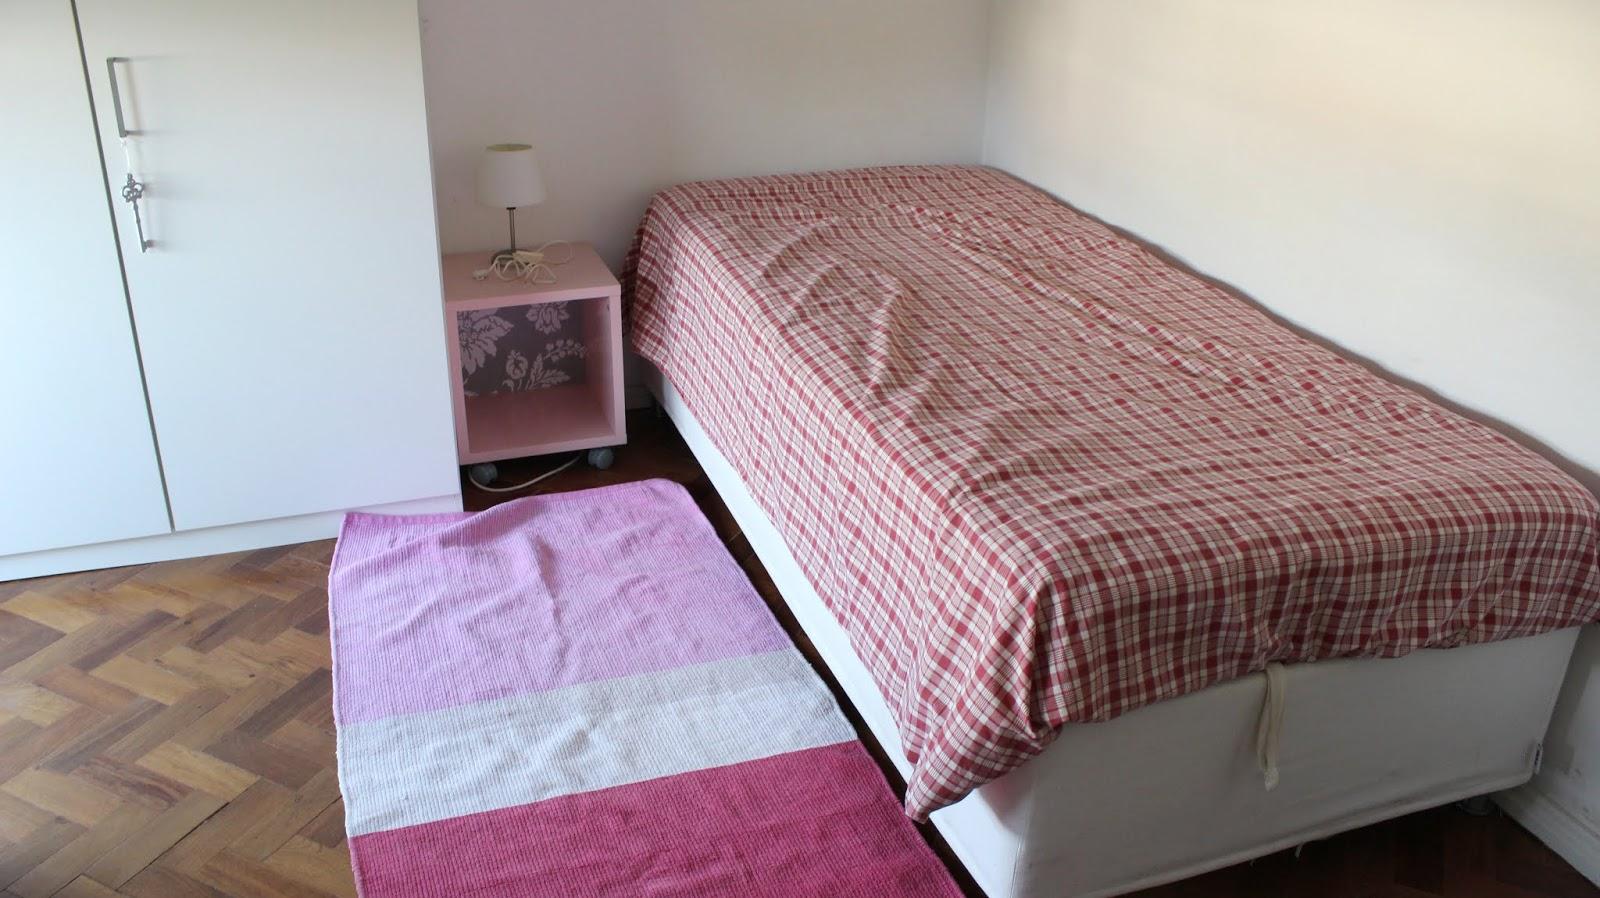 como decorar um quarto alugado antes